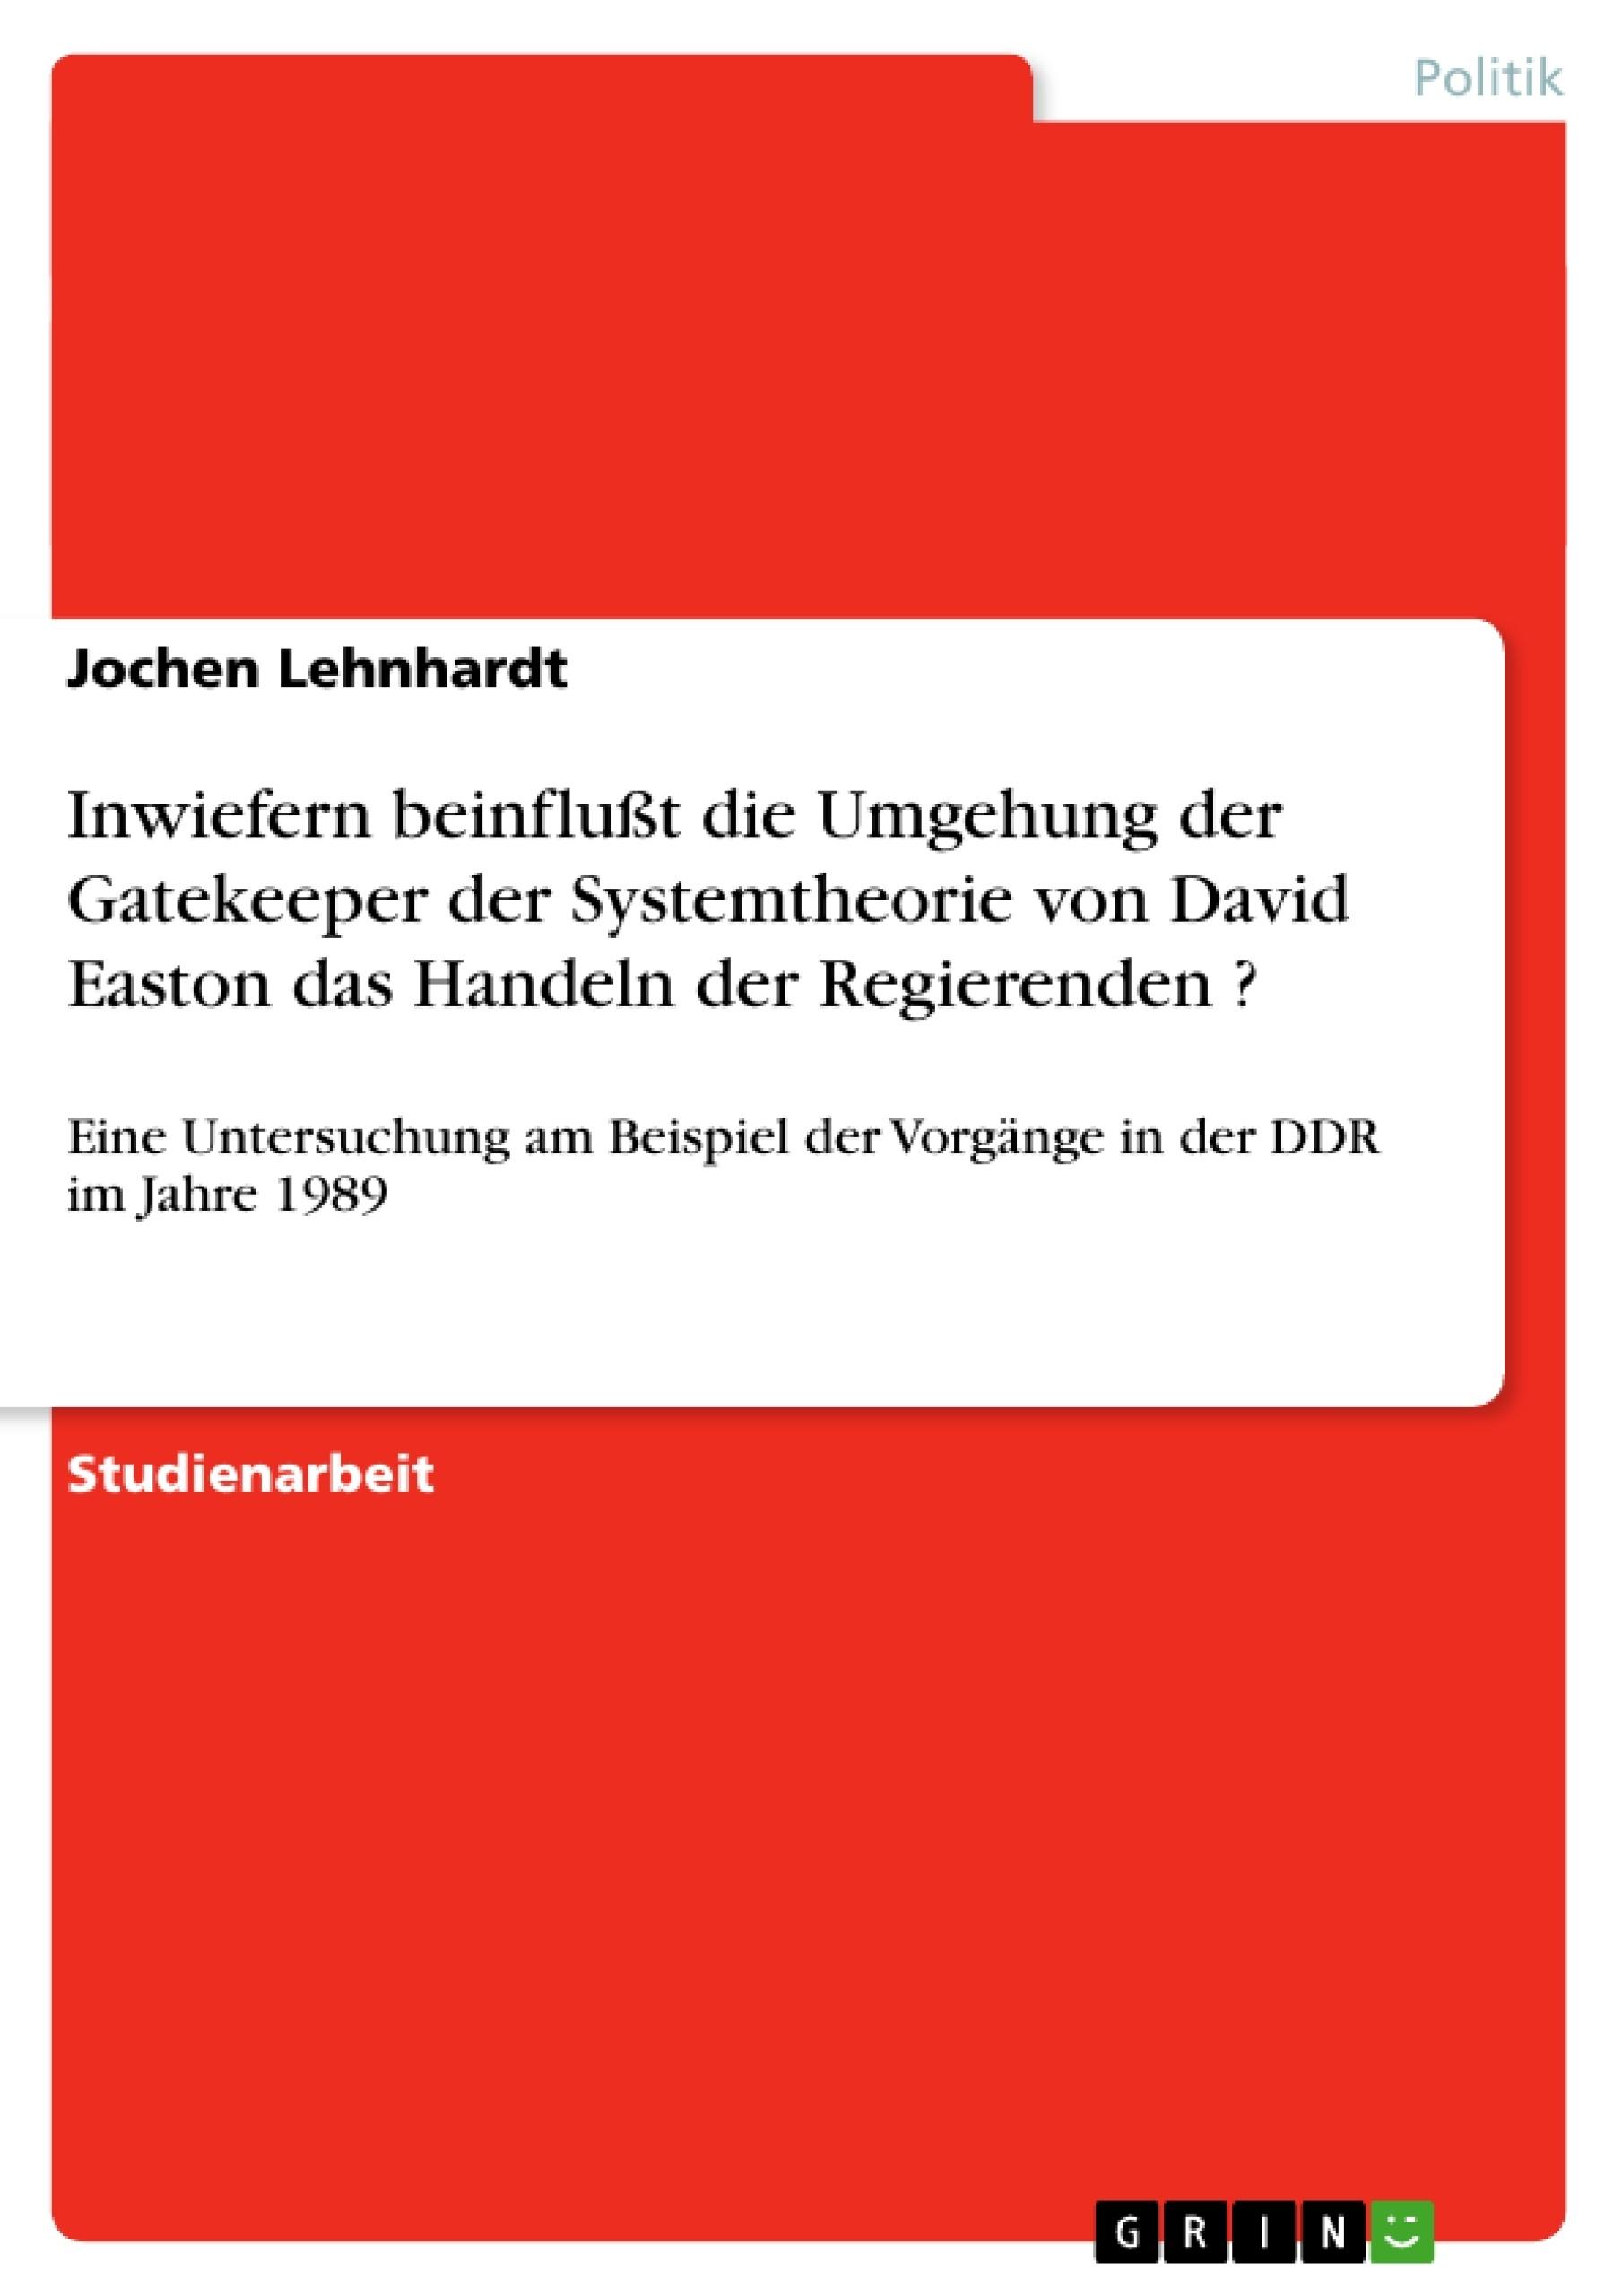 Titel: Inwiefern beinflußt die Umgehung der Gatekeeper der Systemtheorie von David Easton das Handeln der Regierenden ?